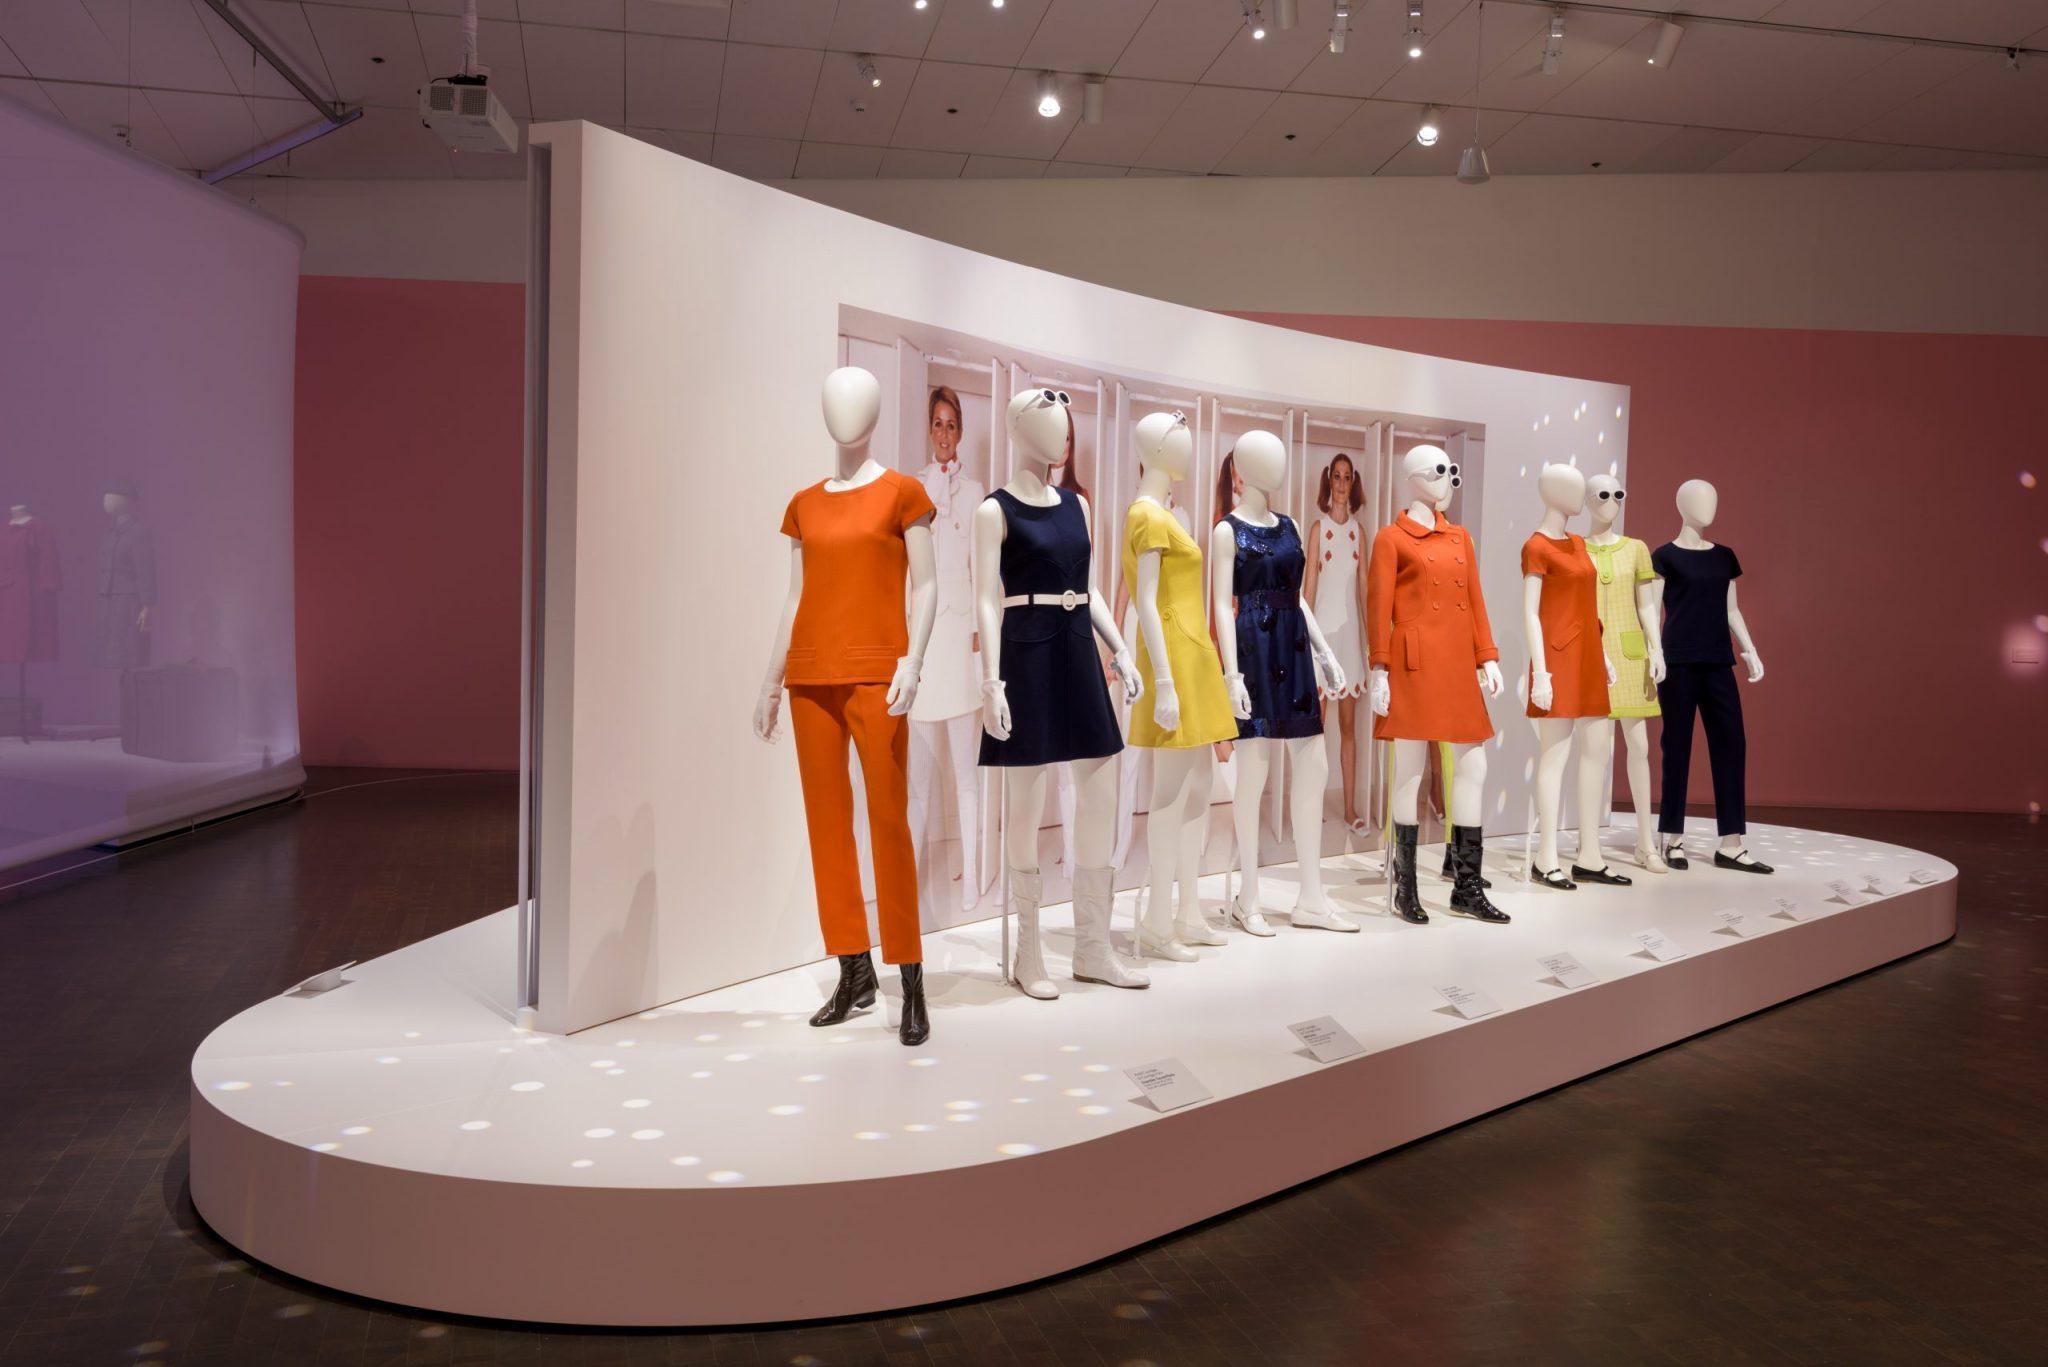 Paris to Hollywood Denver Art Museum 2021 Art Exhibit Fashion Exhibit Cherry Creek Magazine Gregory Peck Veronique Peck